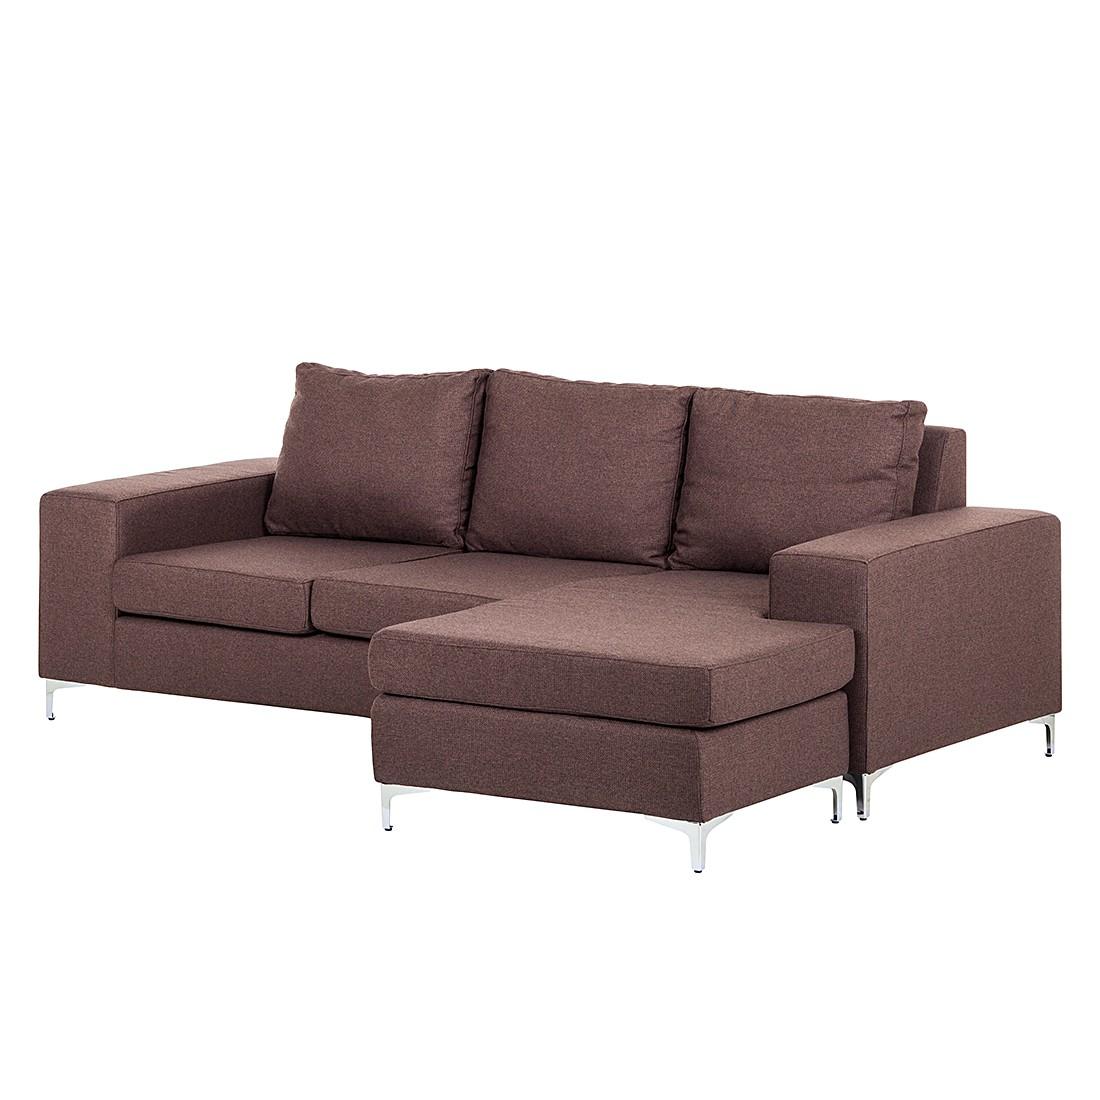 Ecksofa Cush – Webstoff Braun – Longchair davorstehend rechts, roomscape jetzt kaufen